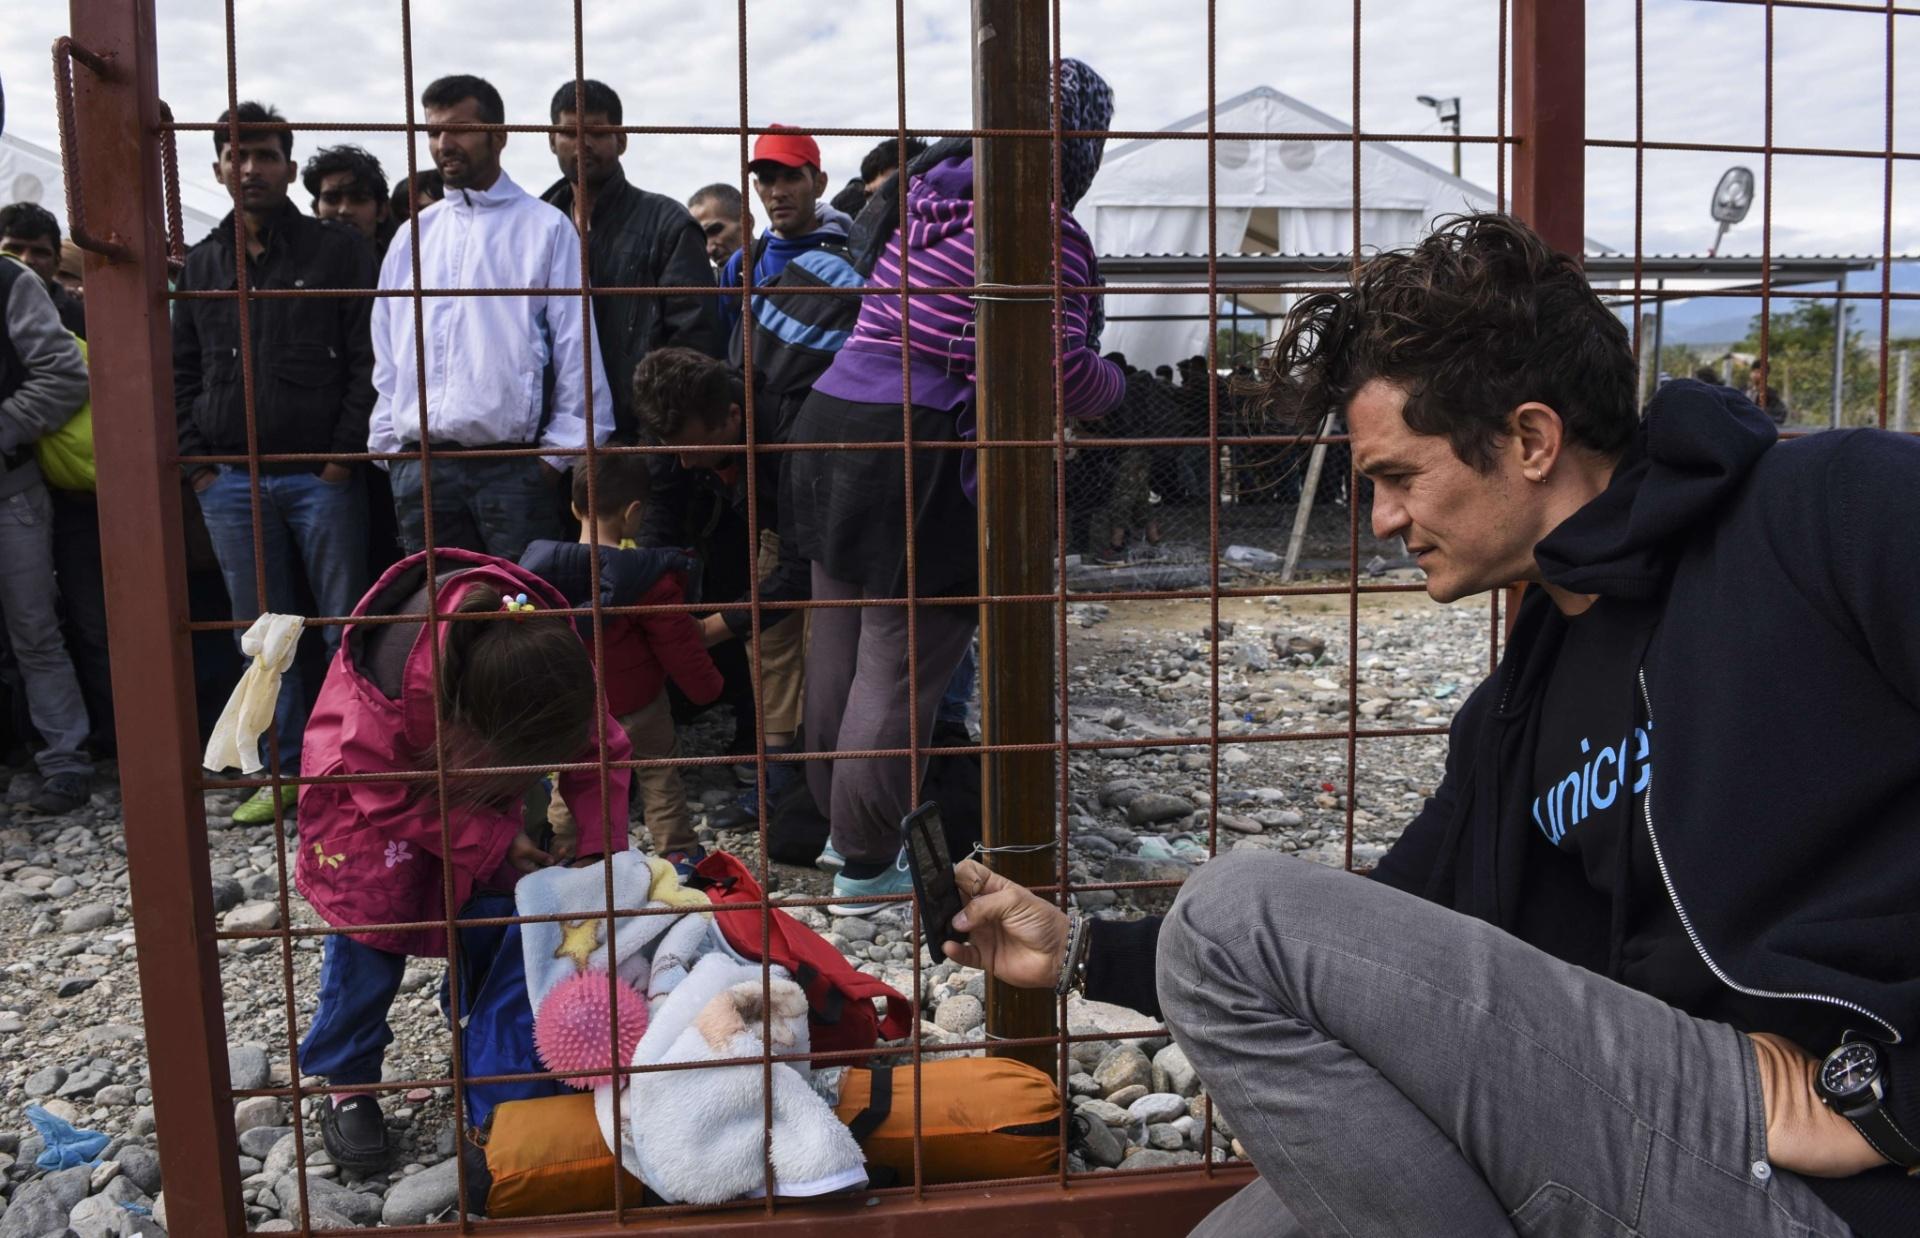 28.set.2015 - O ator britânico Orlando Bloom, embaixador da Boa Vontade do Unicef, fotografa criança em visita a campo de refugiados em Gevgelija, Macedônia